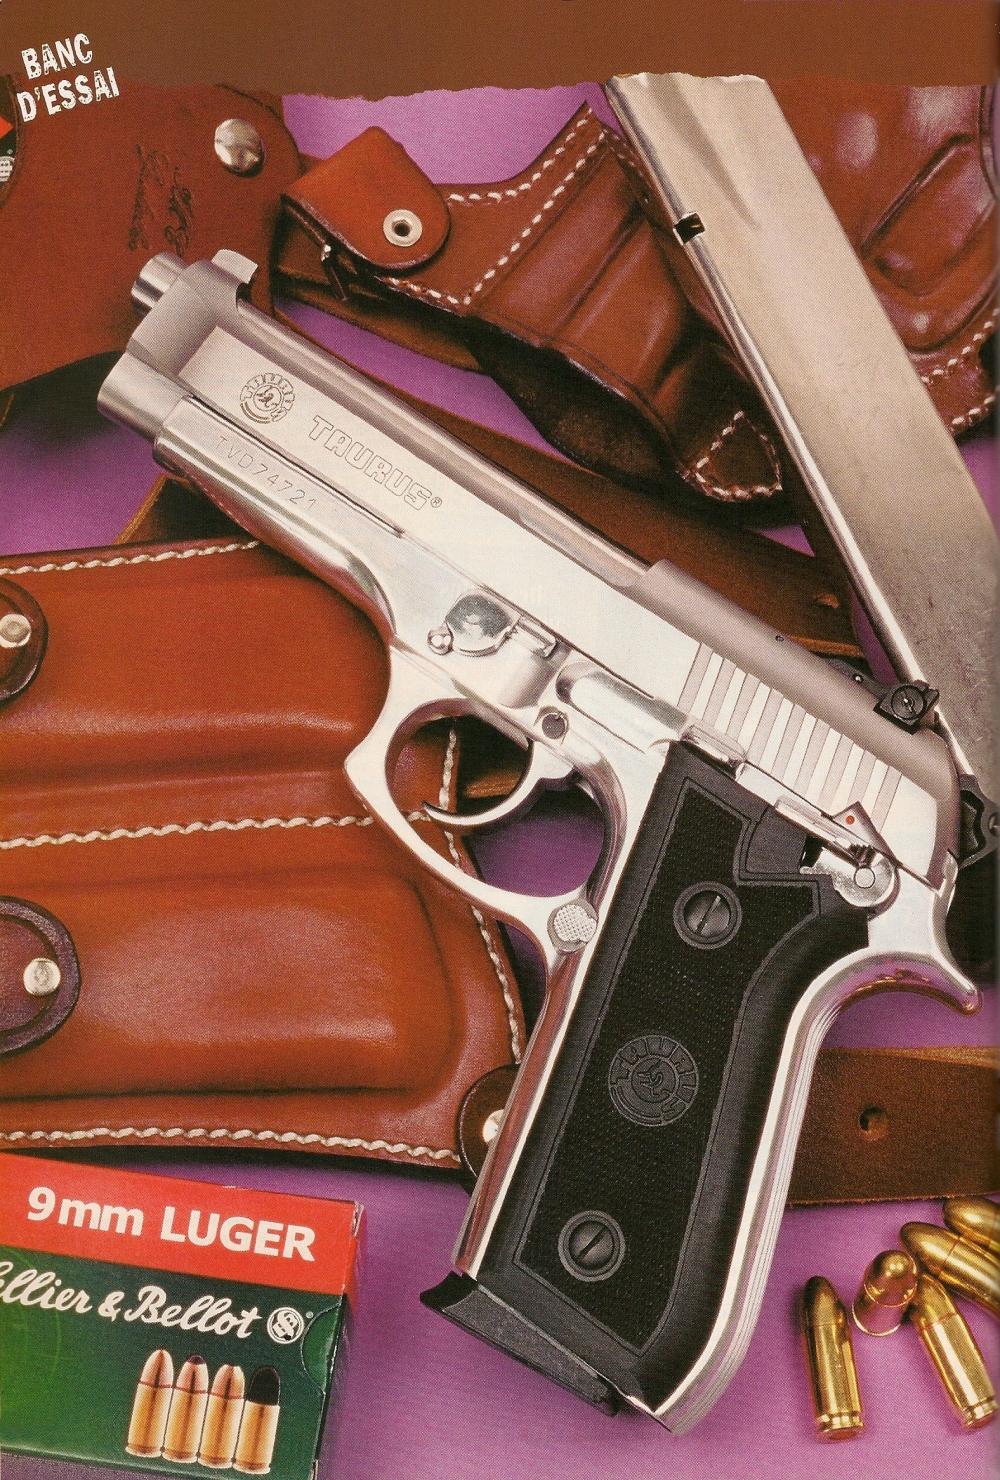 Si le pistolet semi-automatique produit par la firme Taurus ne constitue pas à proprement parler une copie conforme du Beretta 92, force est de constater que les différences sont extrêmement minimes...